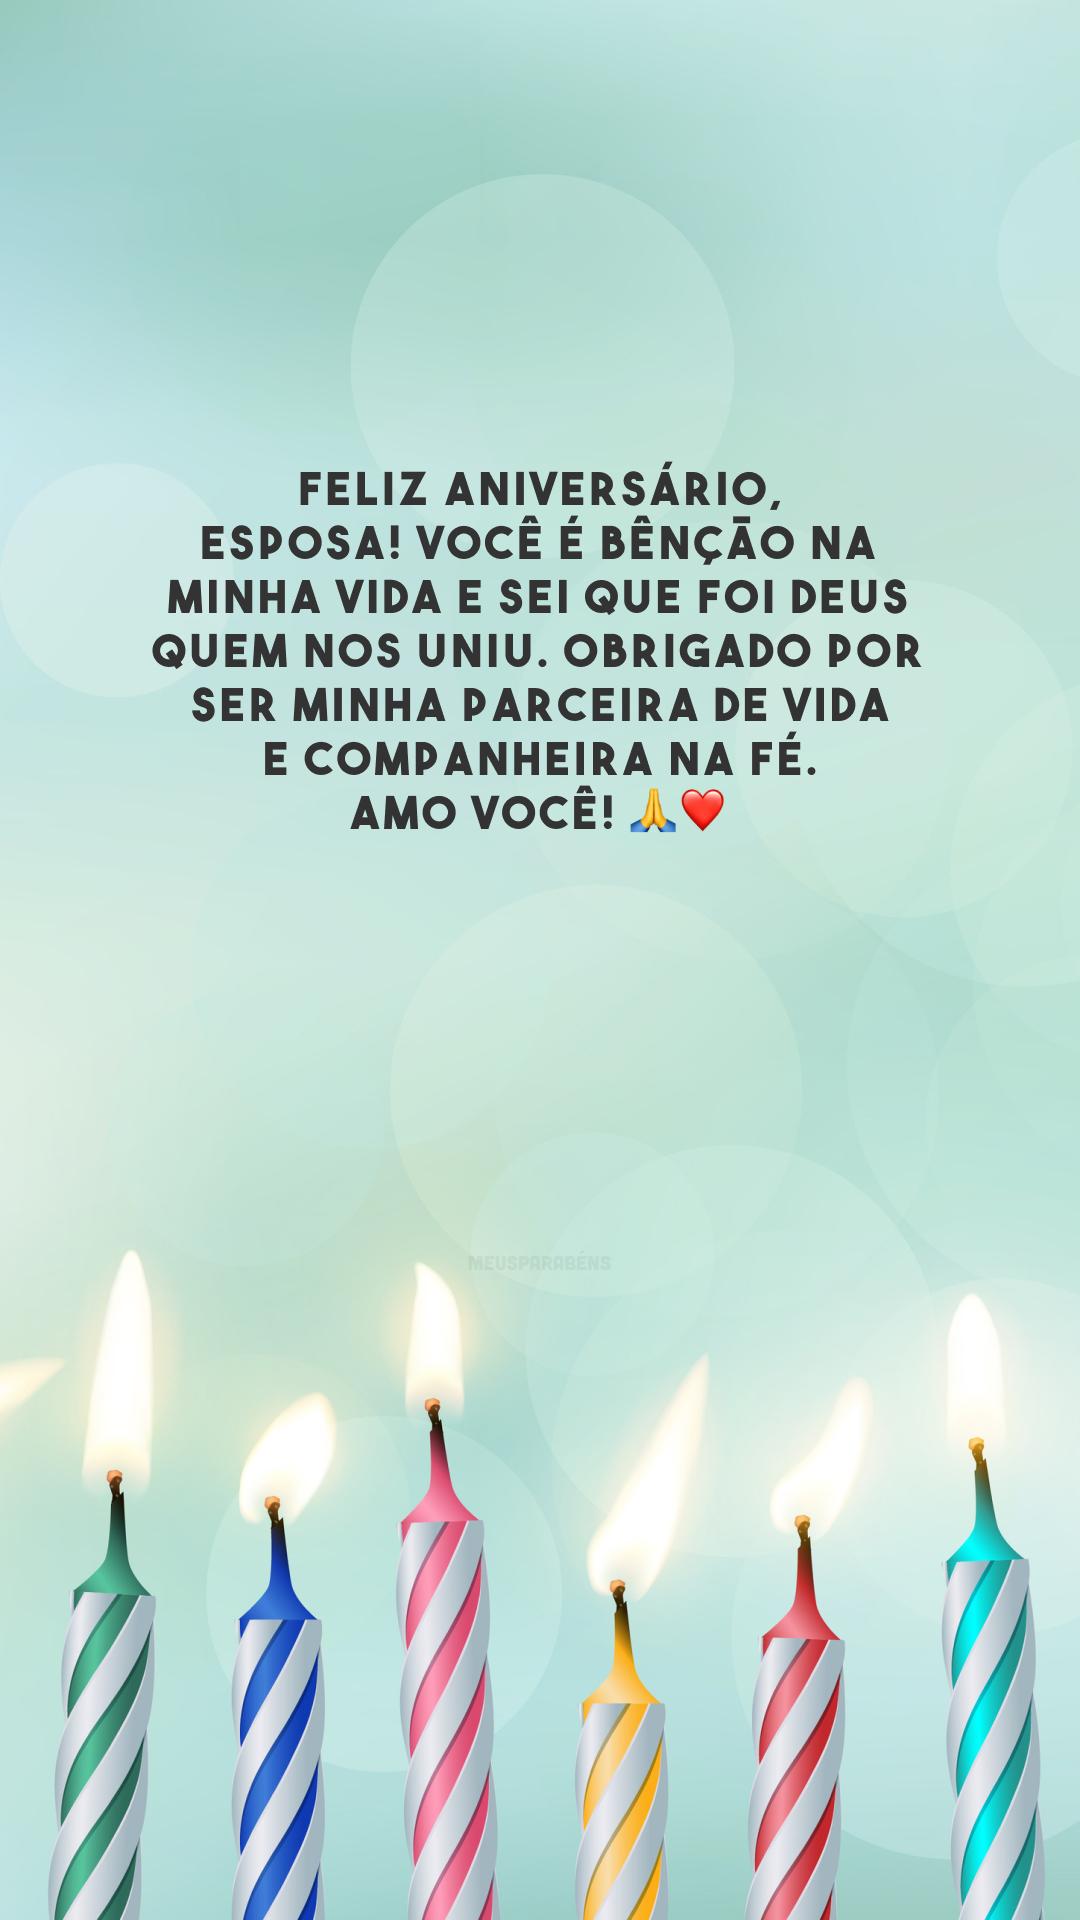 Feliz aniversário, esposa! Você é bênção na minha vida e sei que foi Deus quem nos uniu. Obrigado por ser minha parceira de vida e companheira na fé. Amo você! 🙏❤️